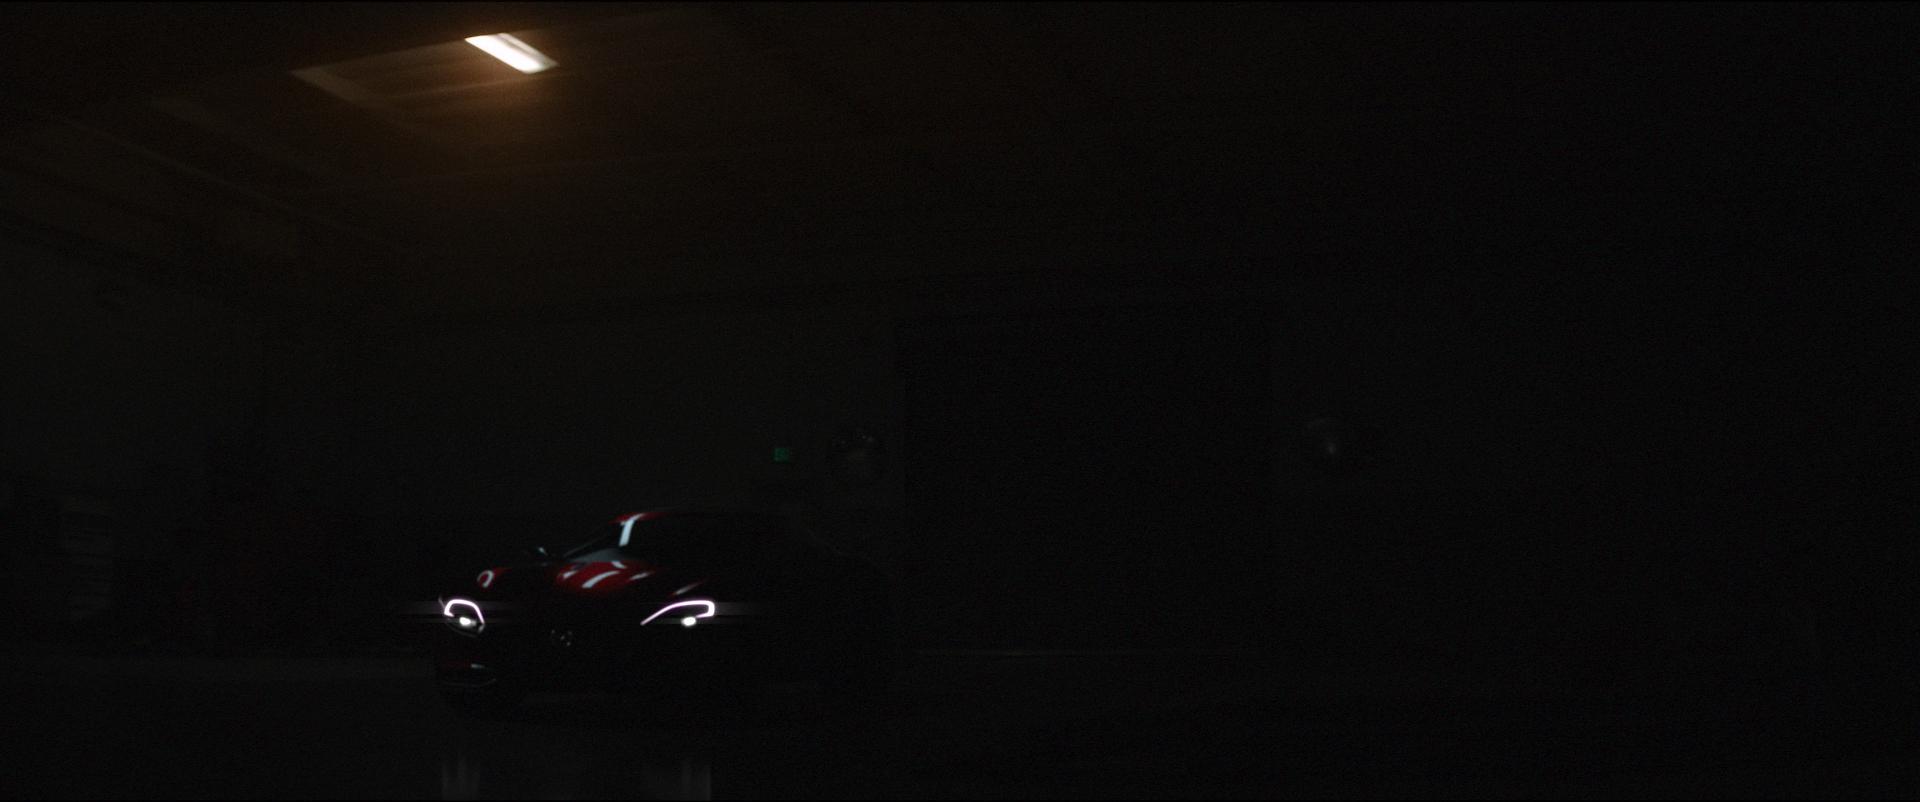 Mazda_Anthem_Web 15.jpg